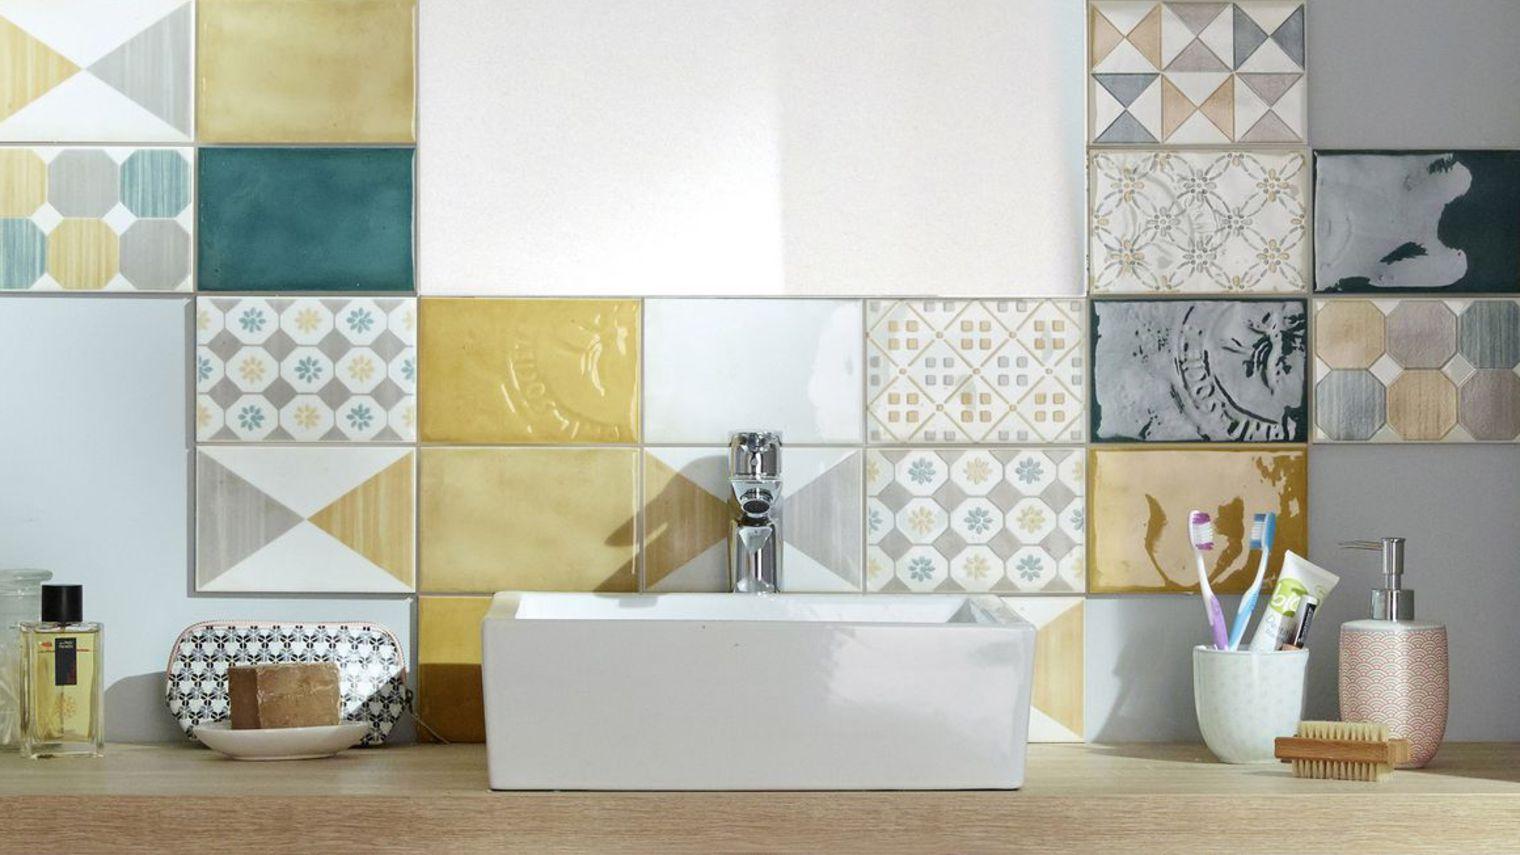 Castorama carrelage mural salle de bain - Idée de maison et déco